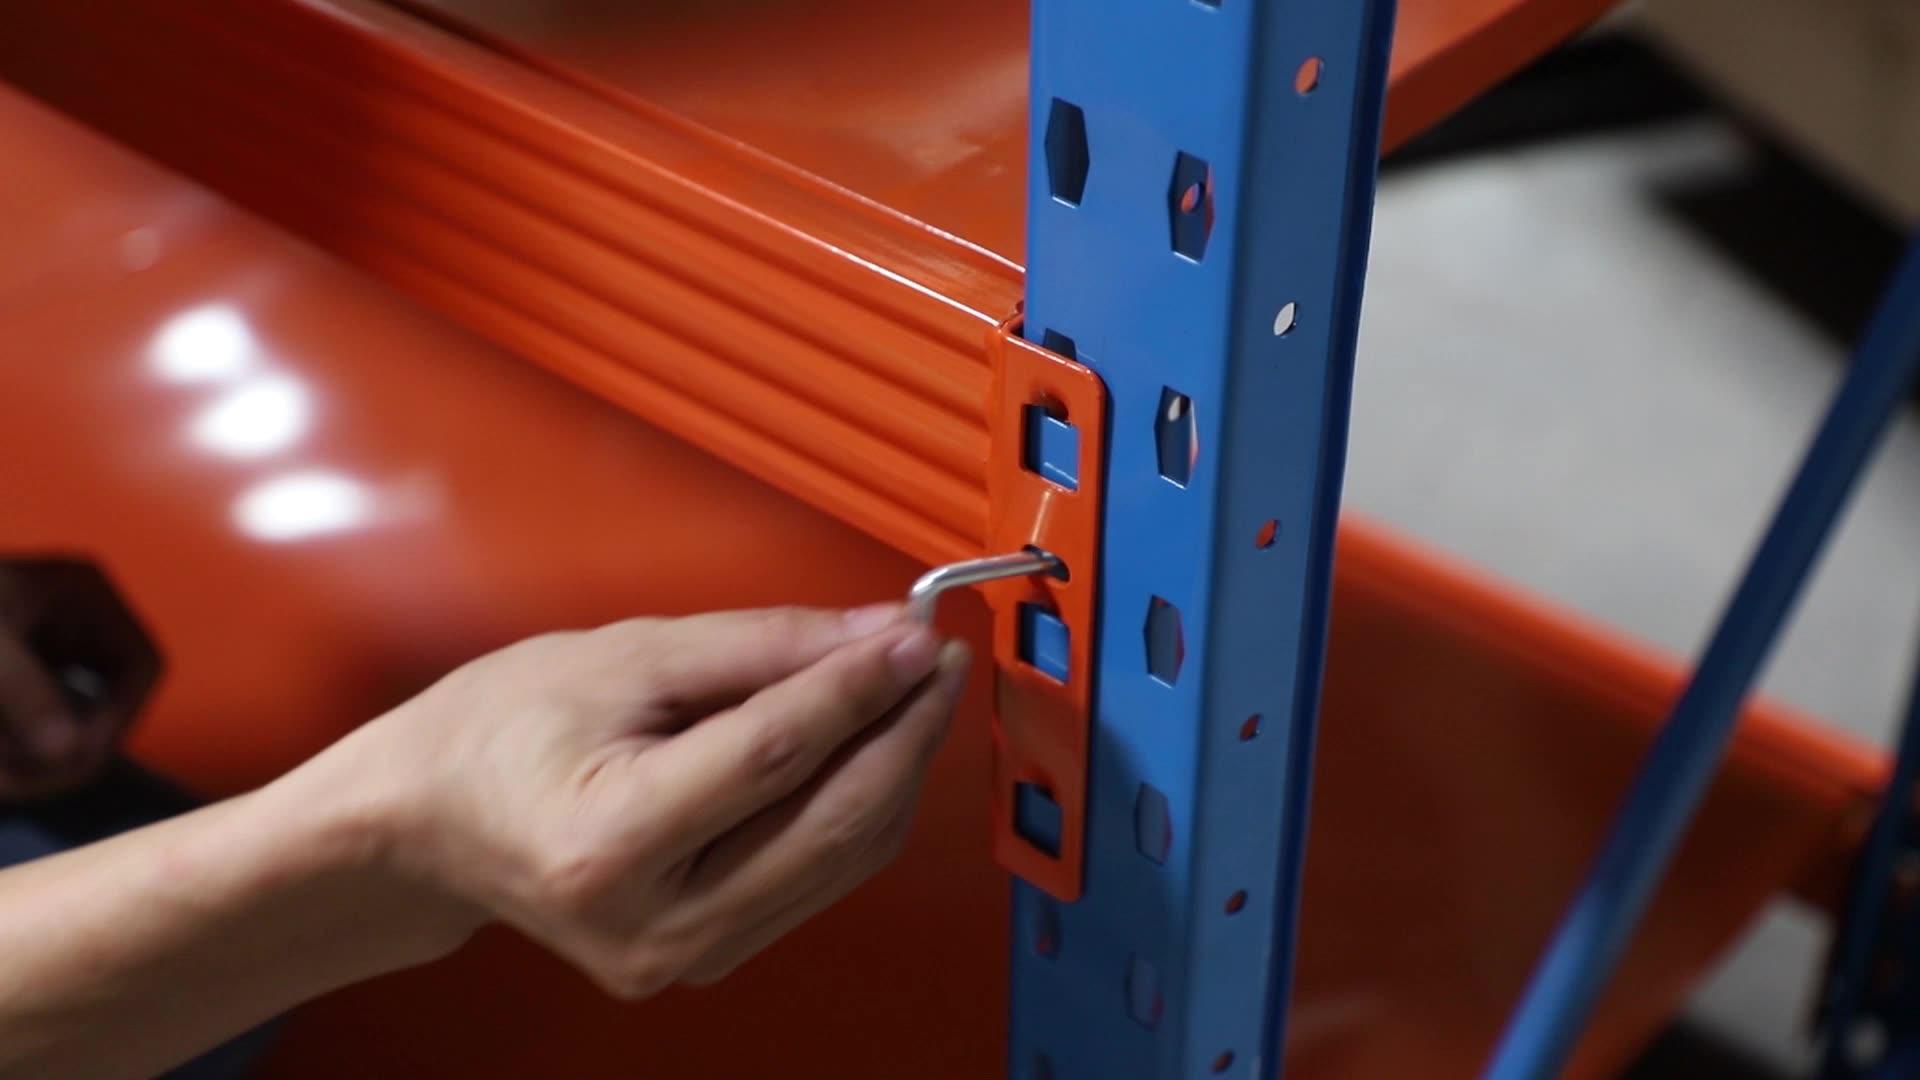 הדה יצרן CE כבד החובה תעשייתית לערום פלדת מדף אחסון מתלה עבור מפעל לערום מחסן מדפים ומדפים